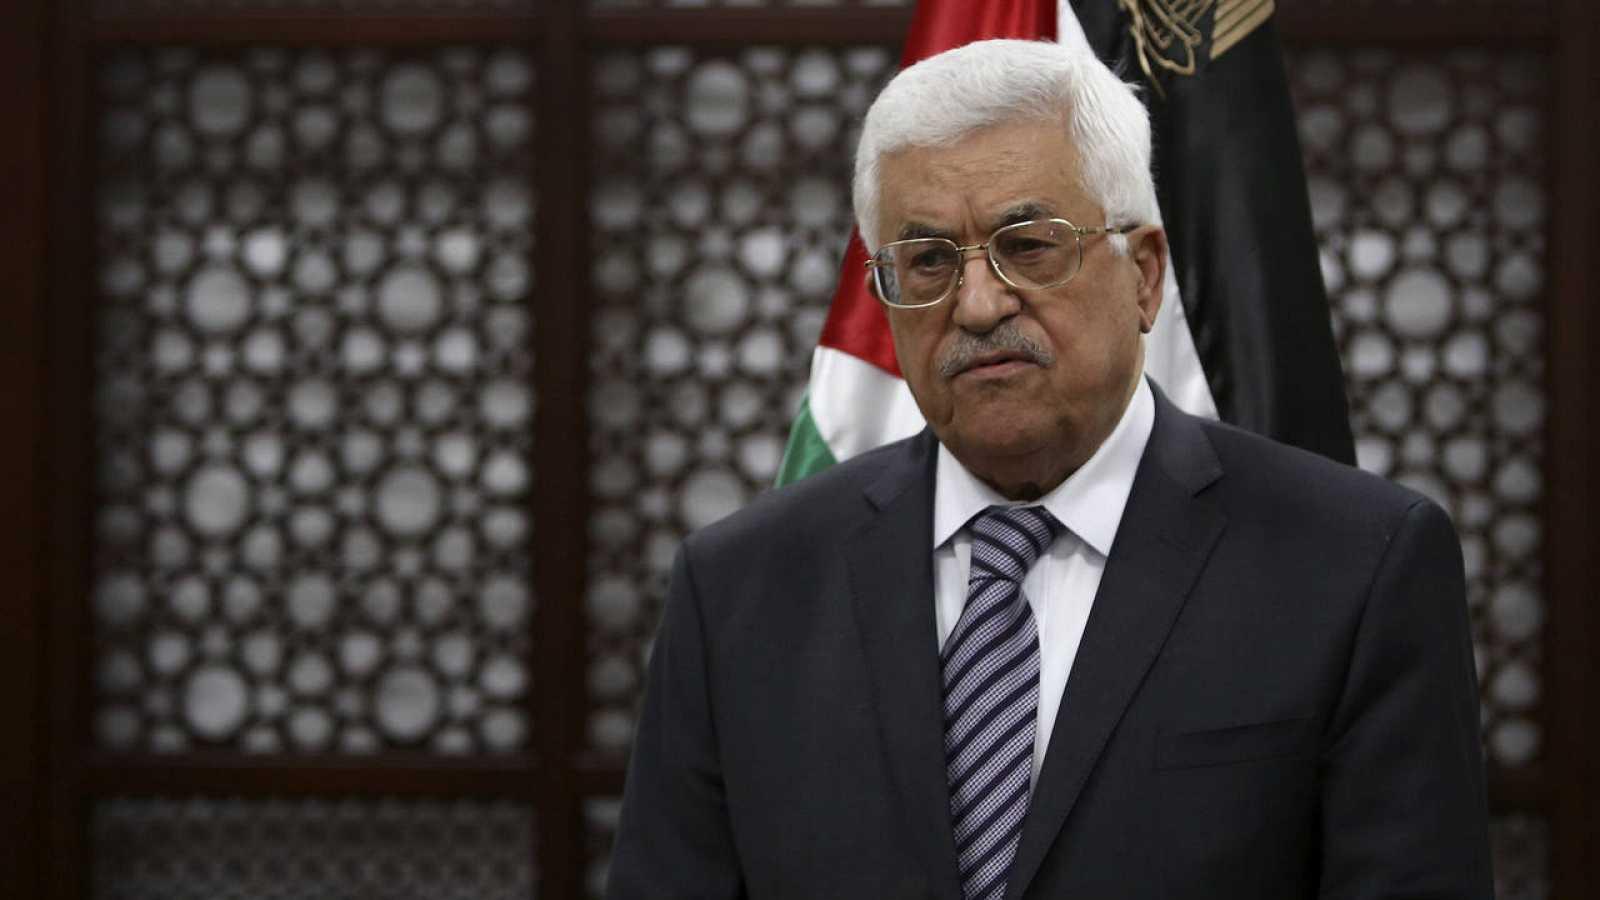 Ante pretensiones de EE. UU. e Israel, Palestina se retira de todos los acuerdos suscritos